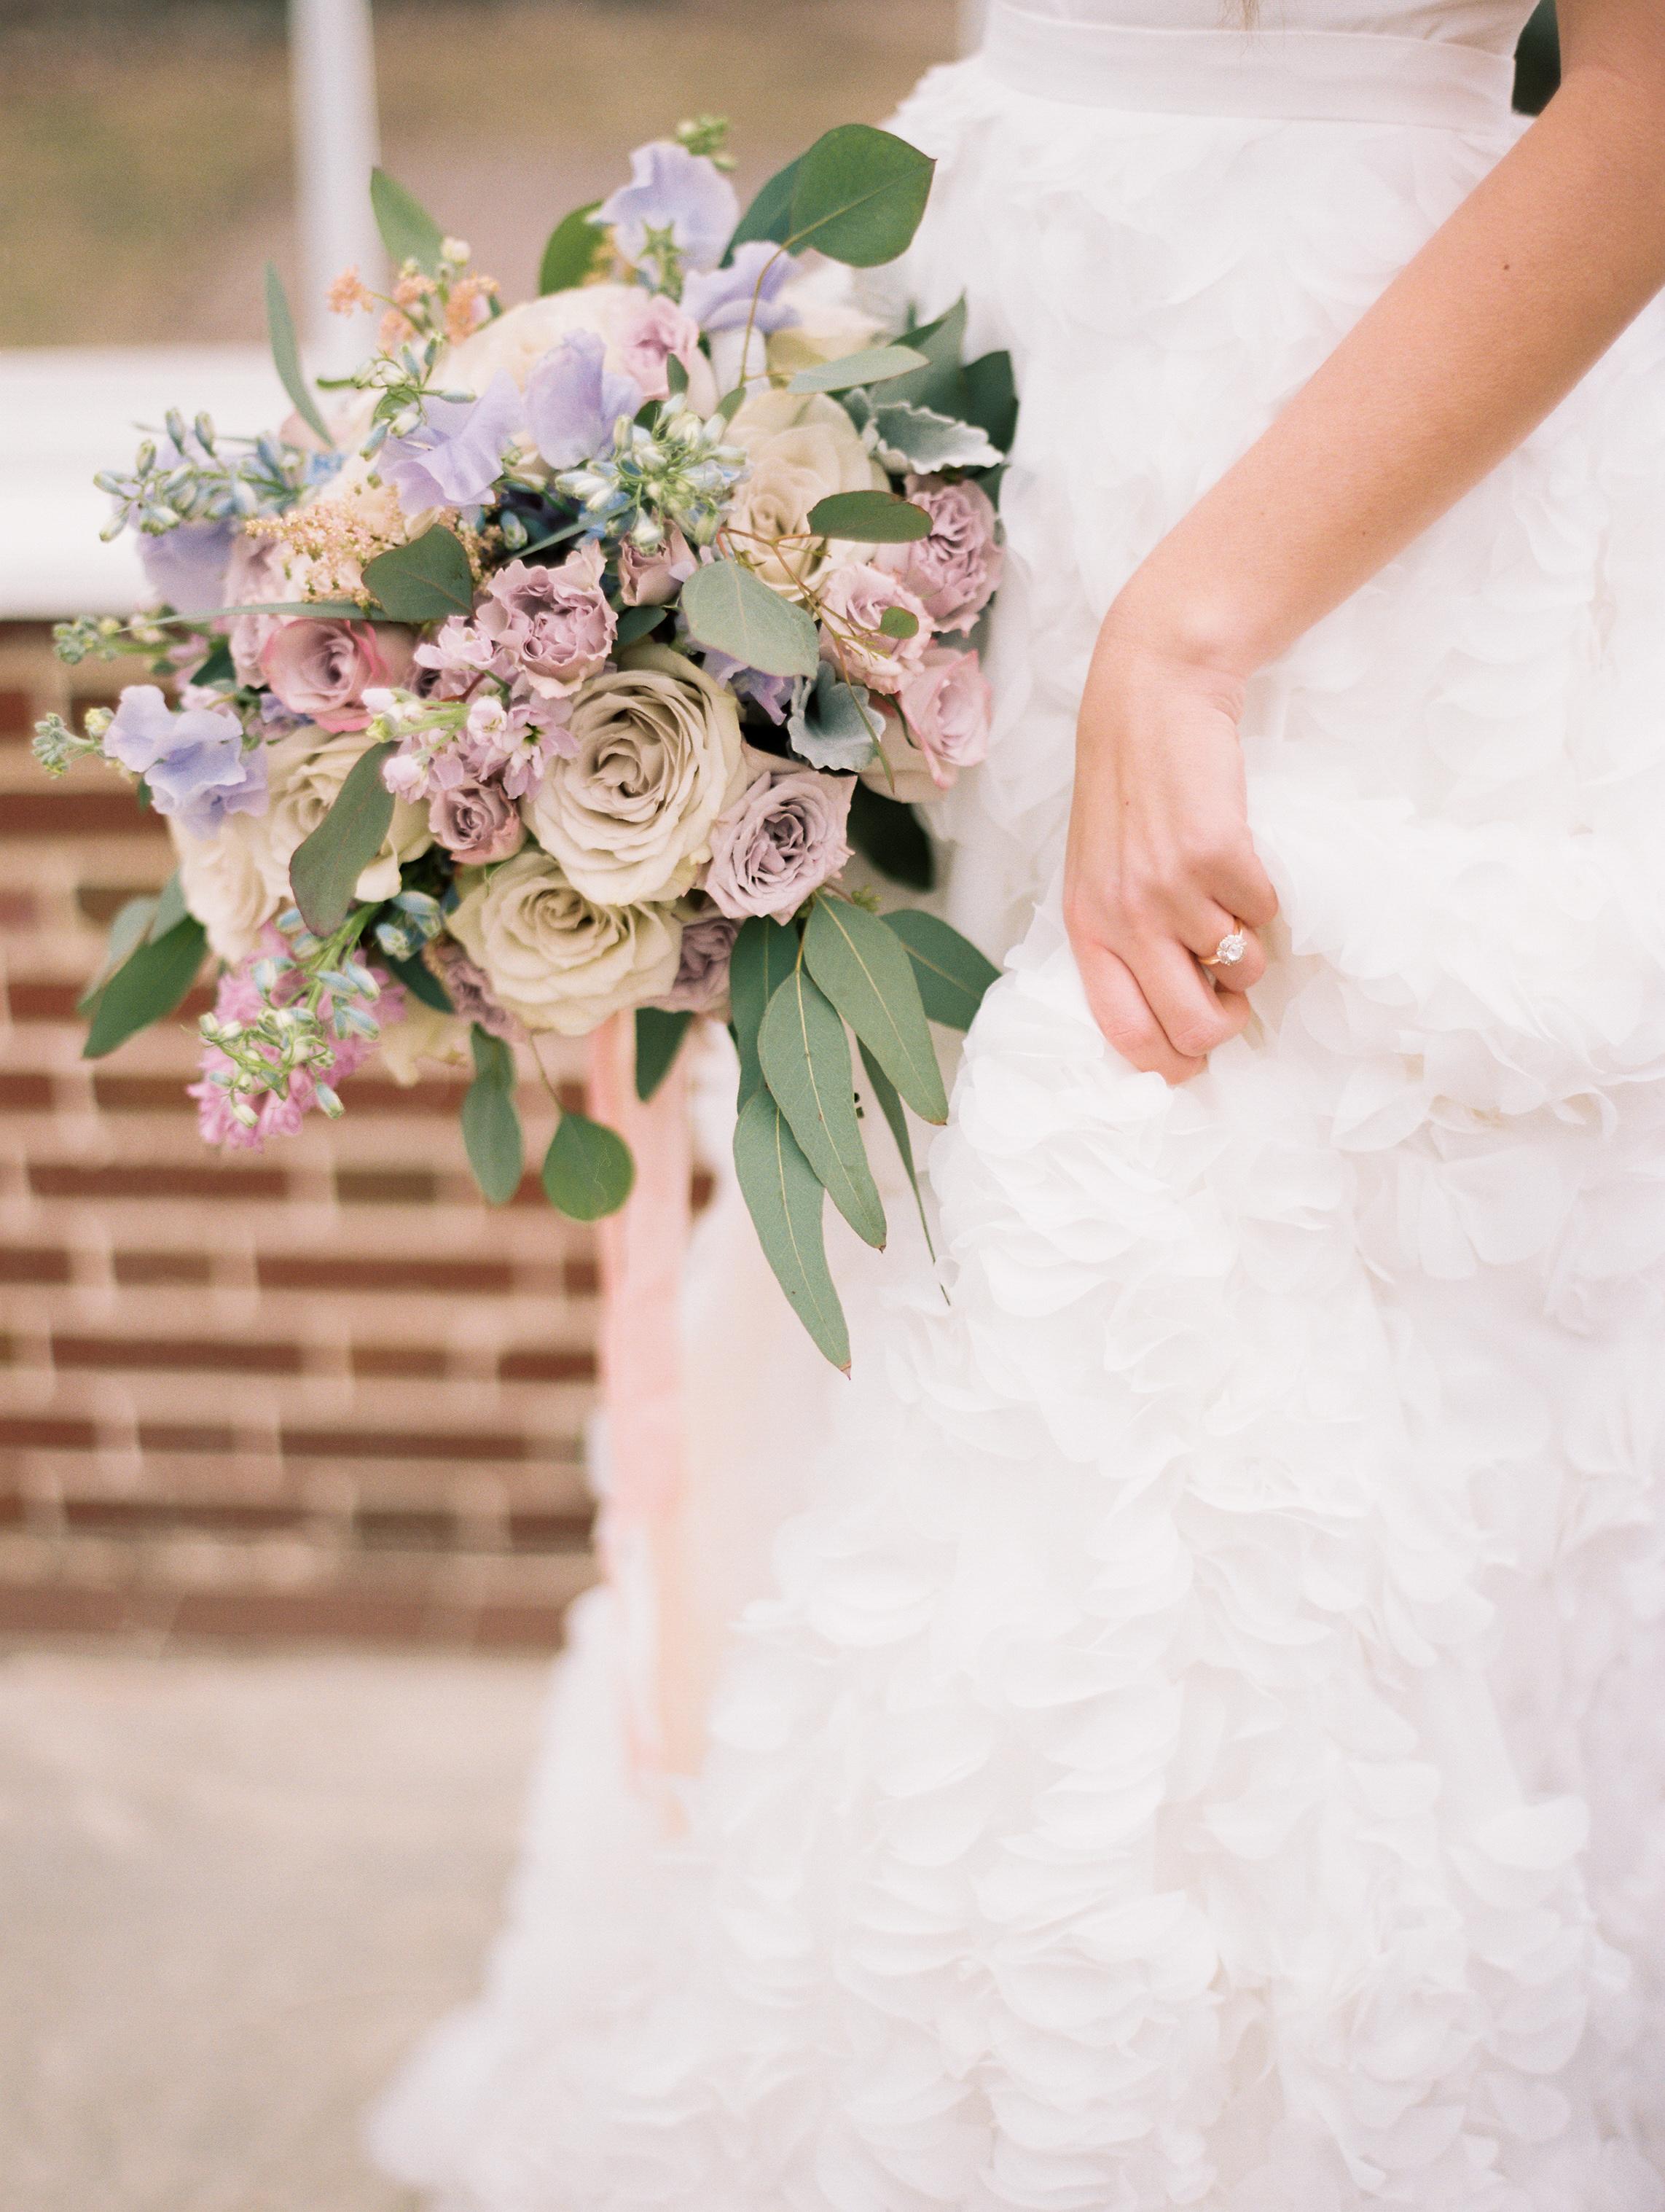 Kristin-La-Voie-Photography-Chicago-Wedding-Photographer-Cheney-Mansion-32.jpg